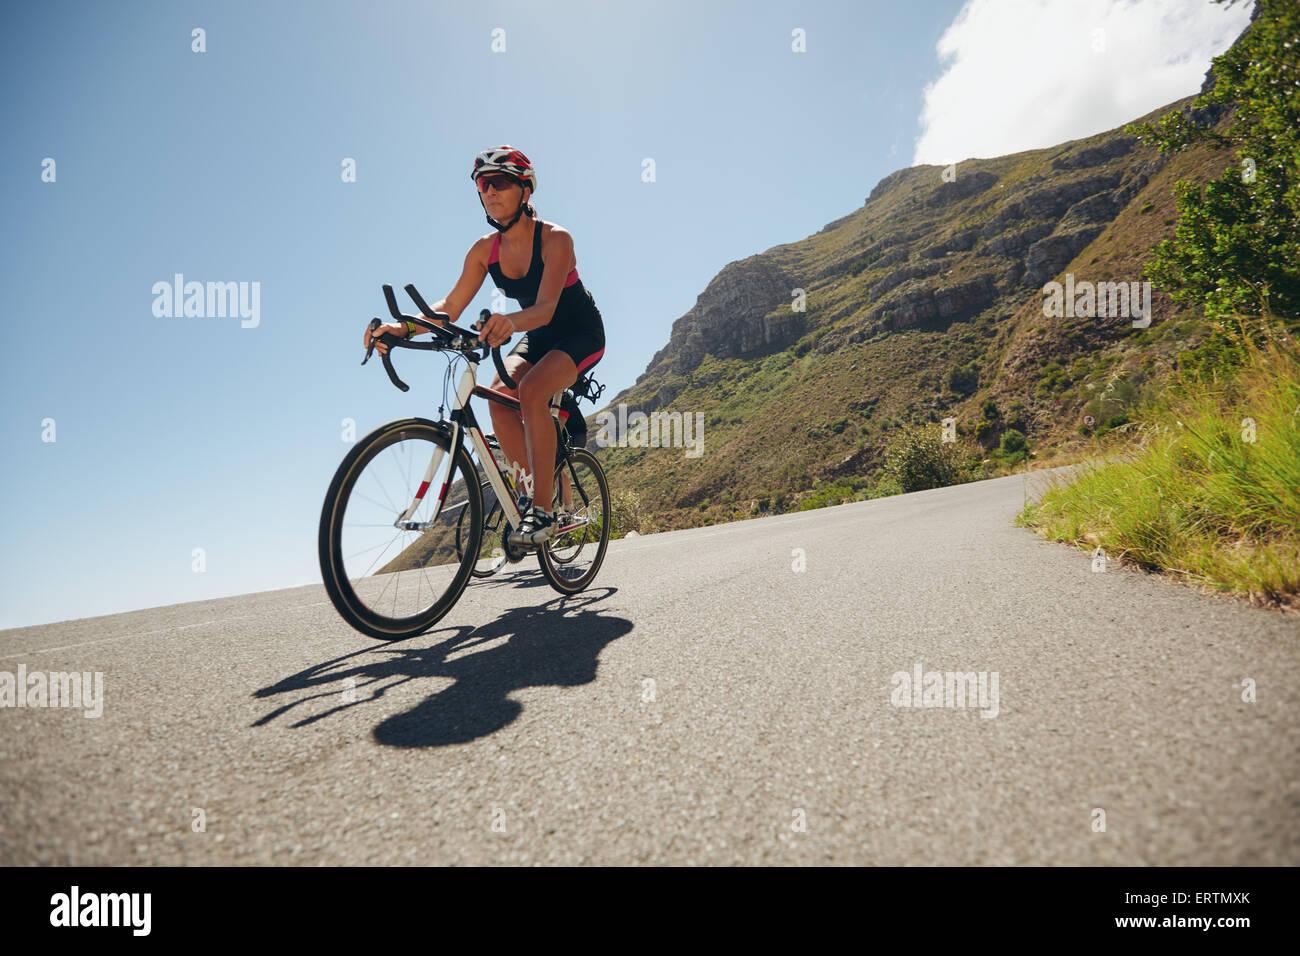 Femme en concurrence sur le cyclisme d'un triathlon avec concurrent. Les triathlètes circonscription vélo Photo Stock